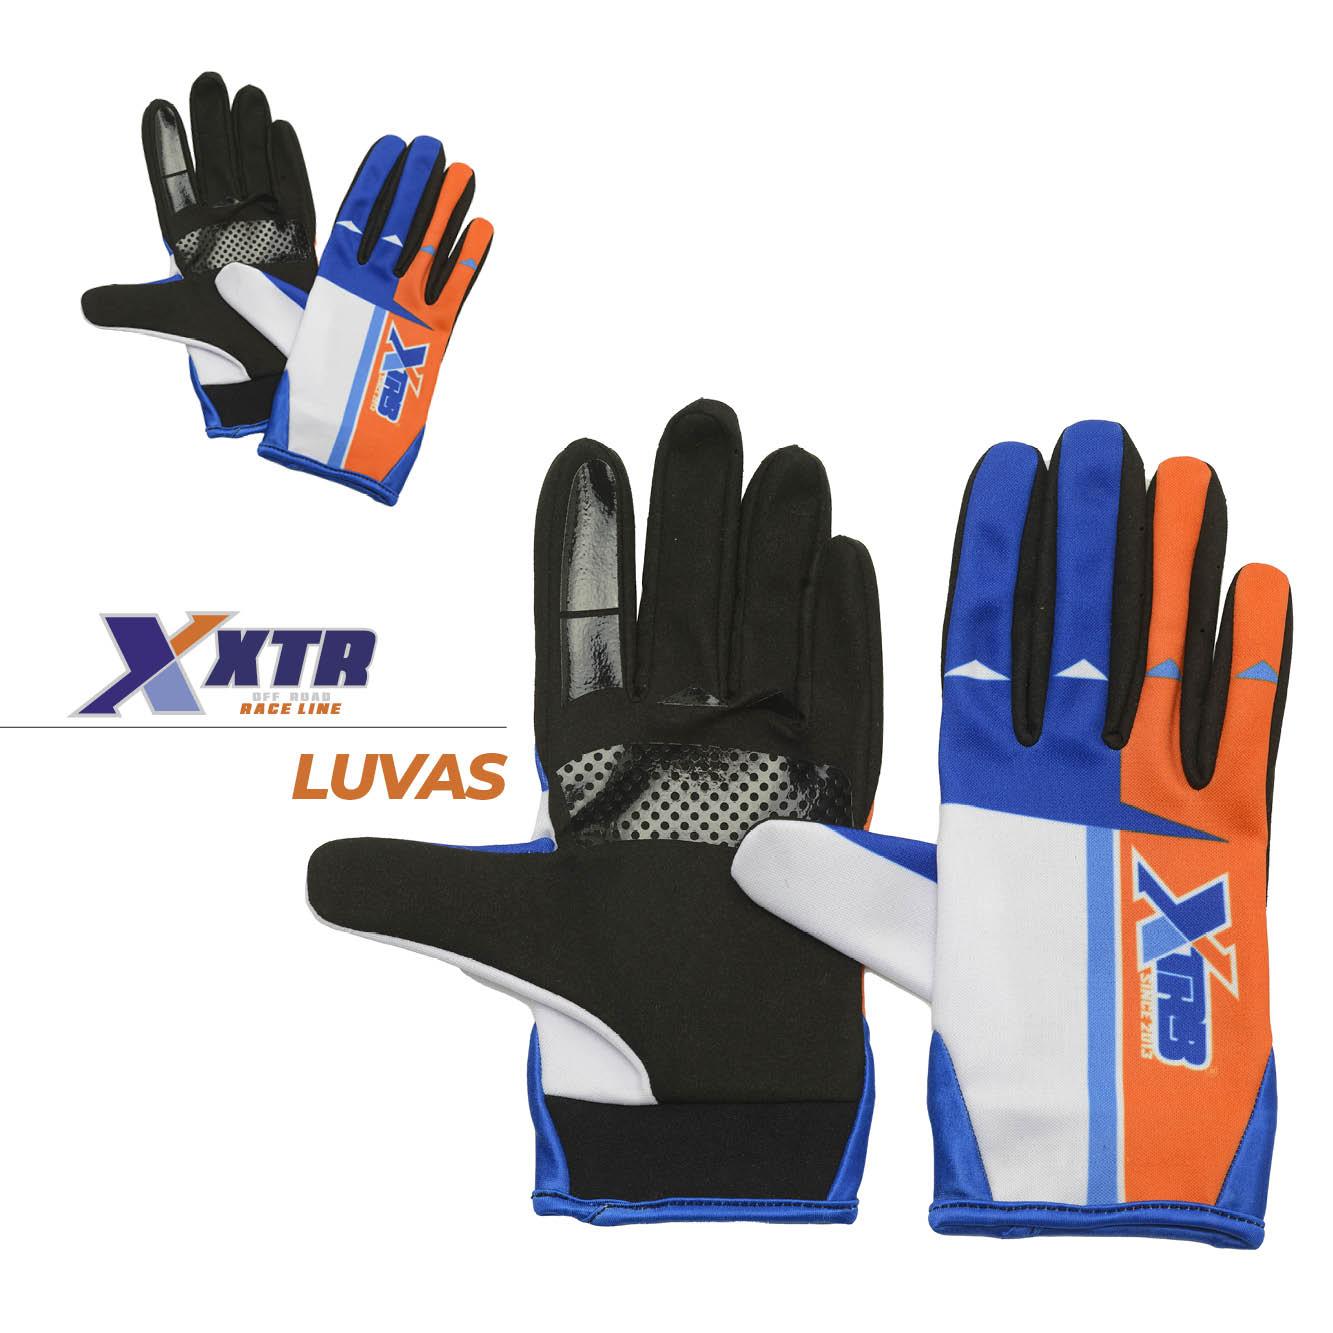 Luvas XTRB - XTR Azul